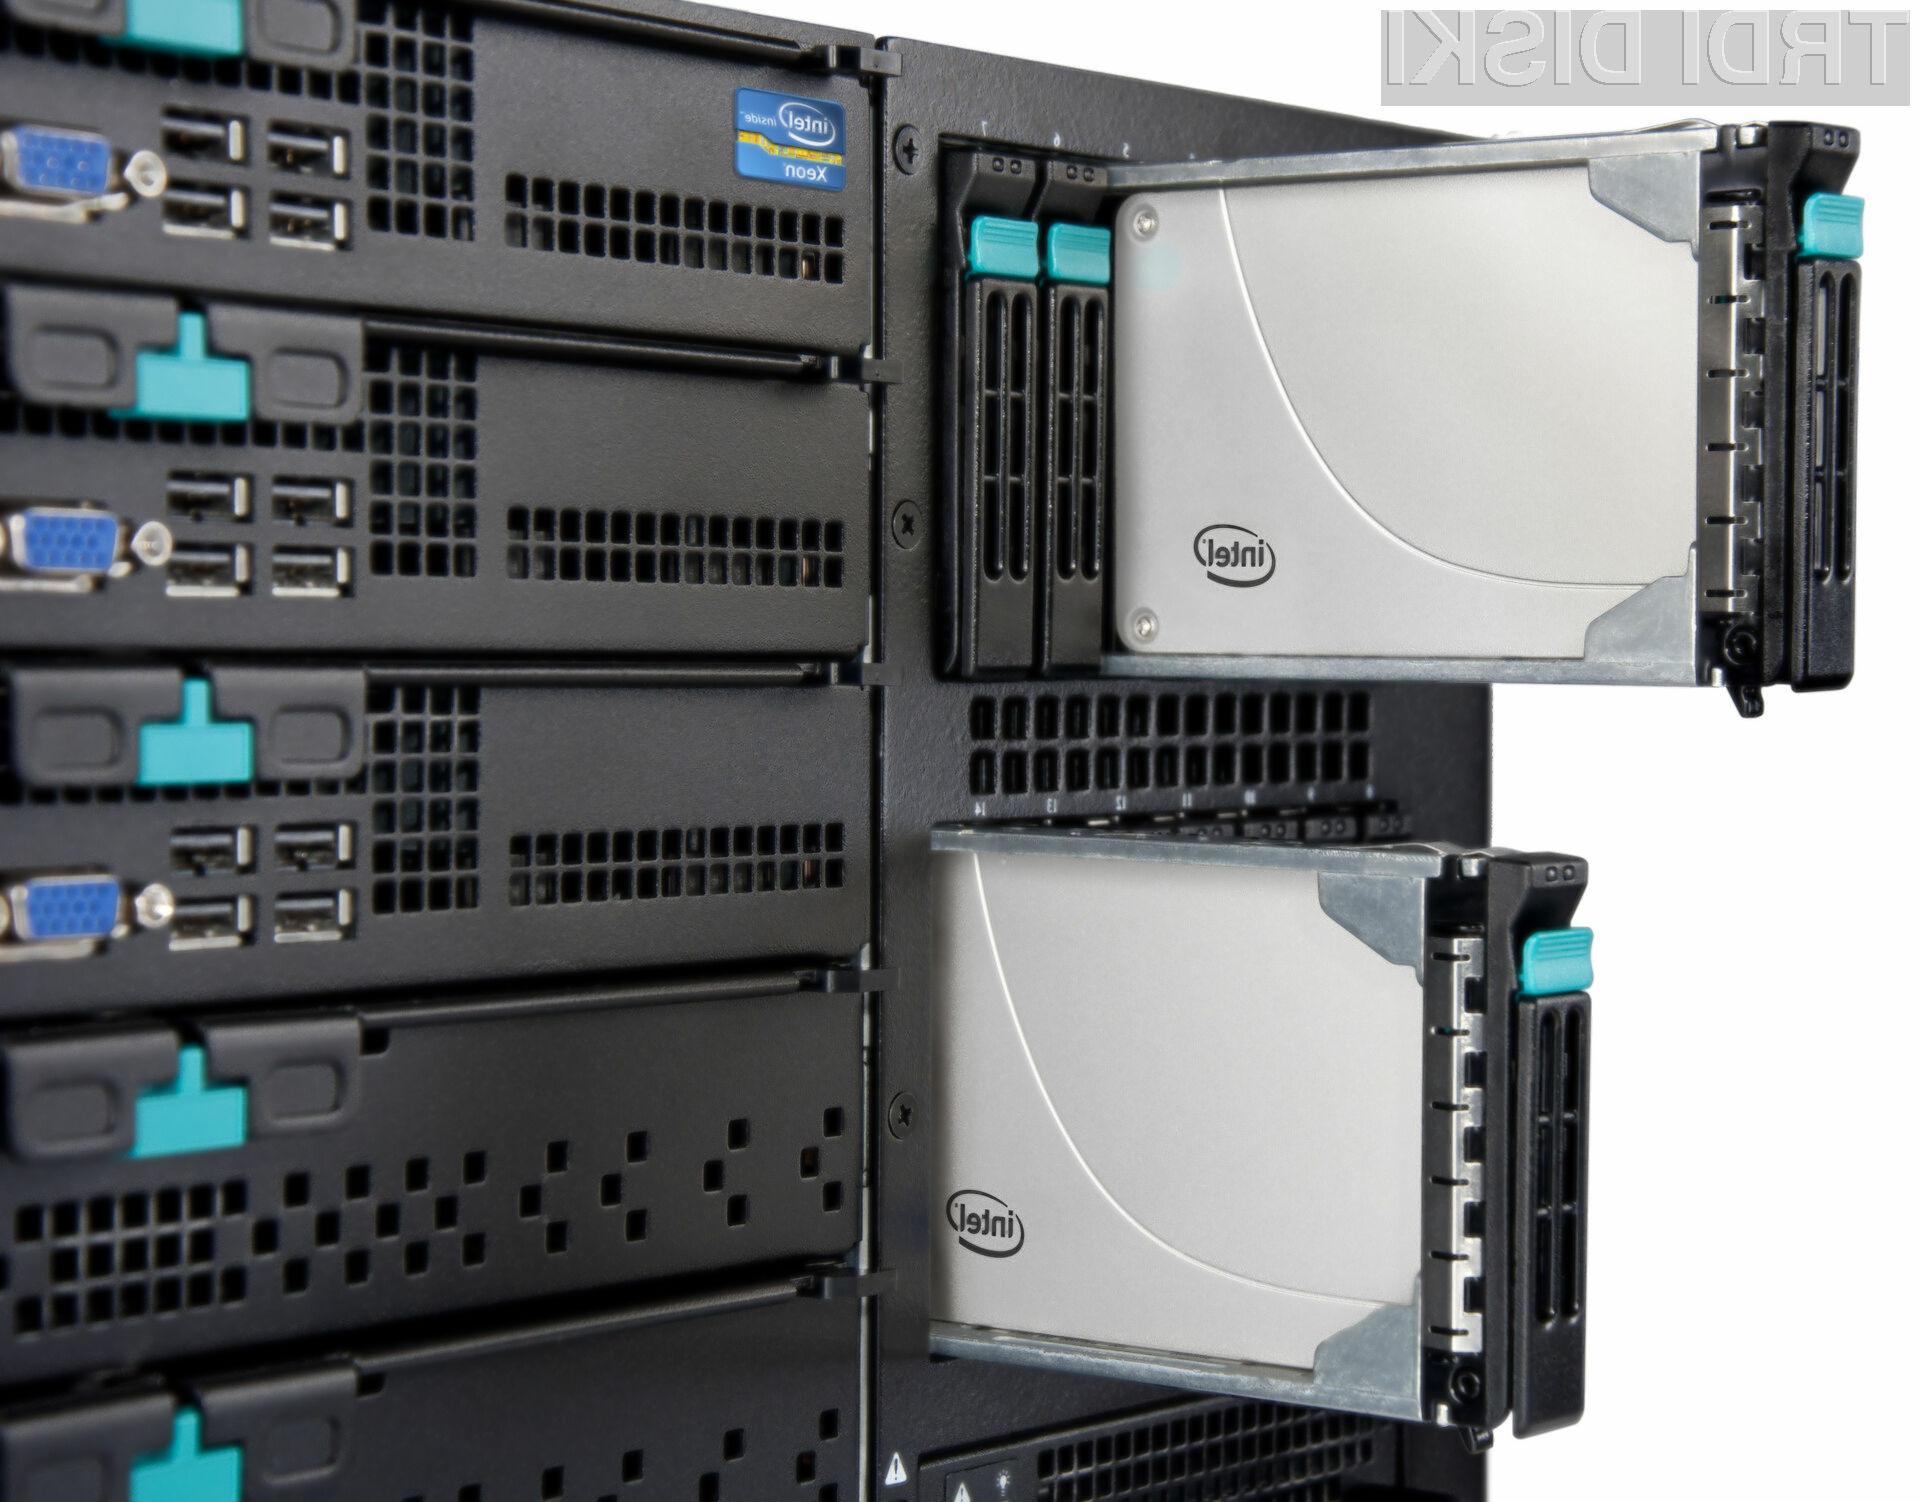 Poleg zmogljivosti, serija SSD diskov 710 prinaša tudi številne tehnologije za zaščito podatkov.